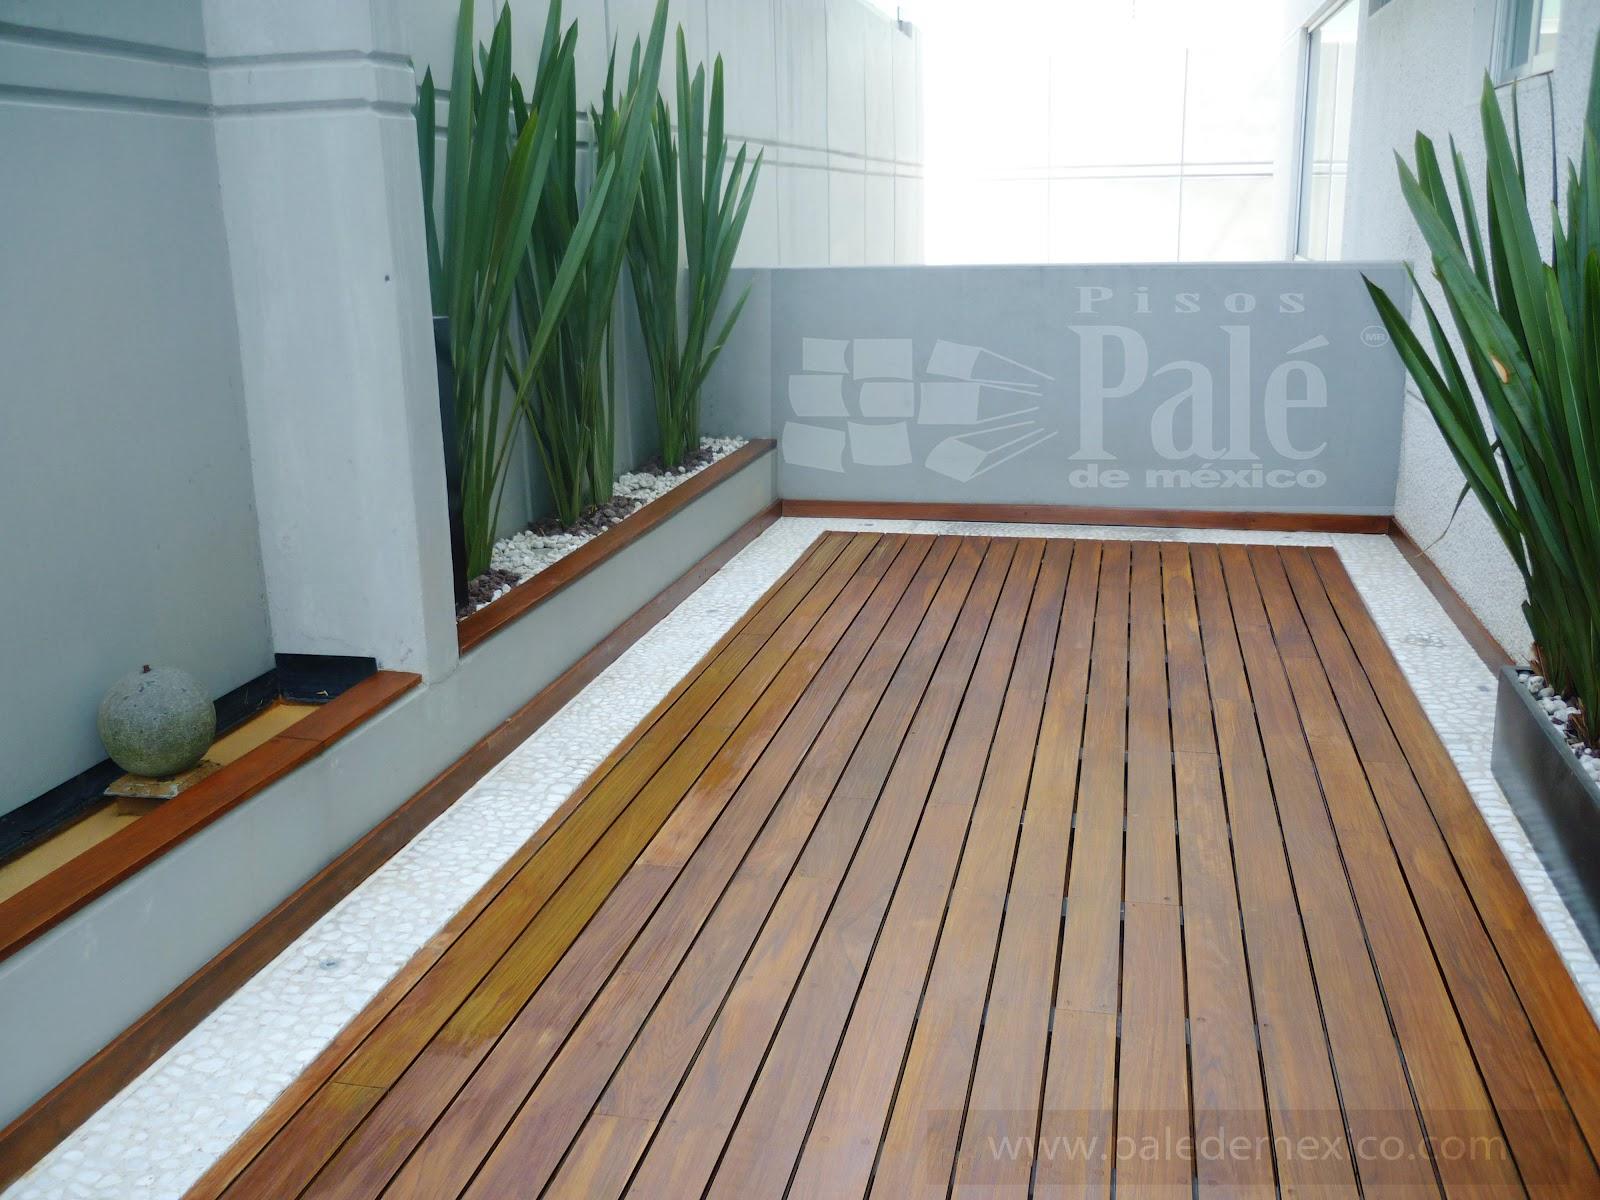 Mantenimiento de piso para exteriores deck - Madera para exteriores ...